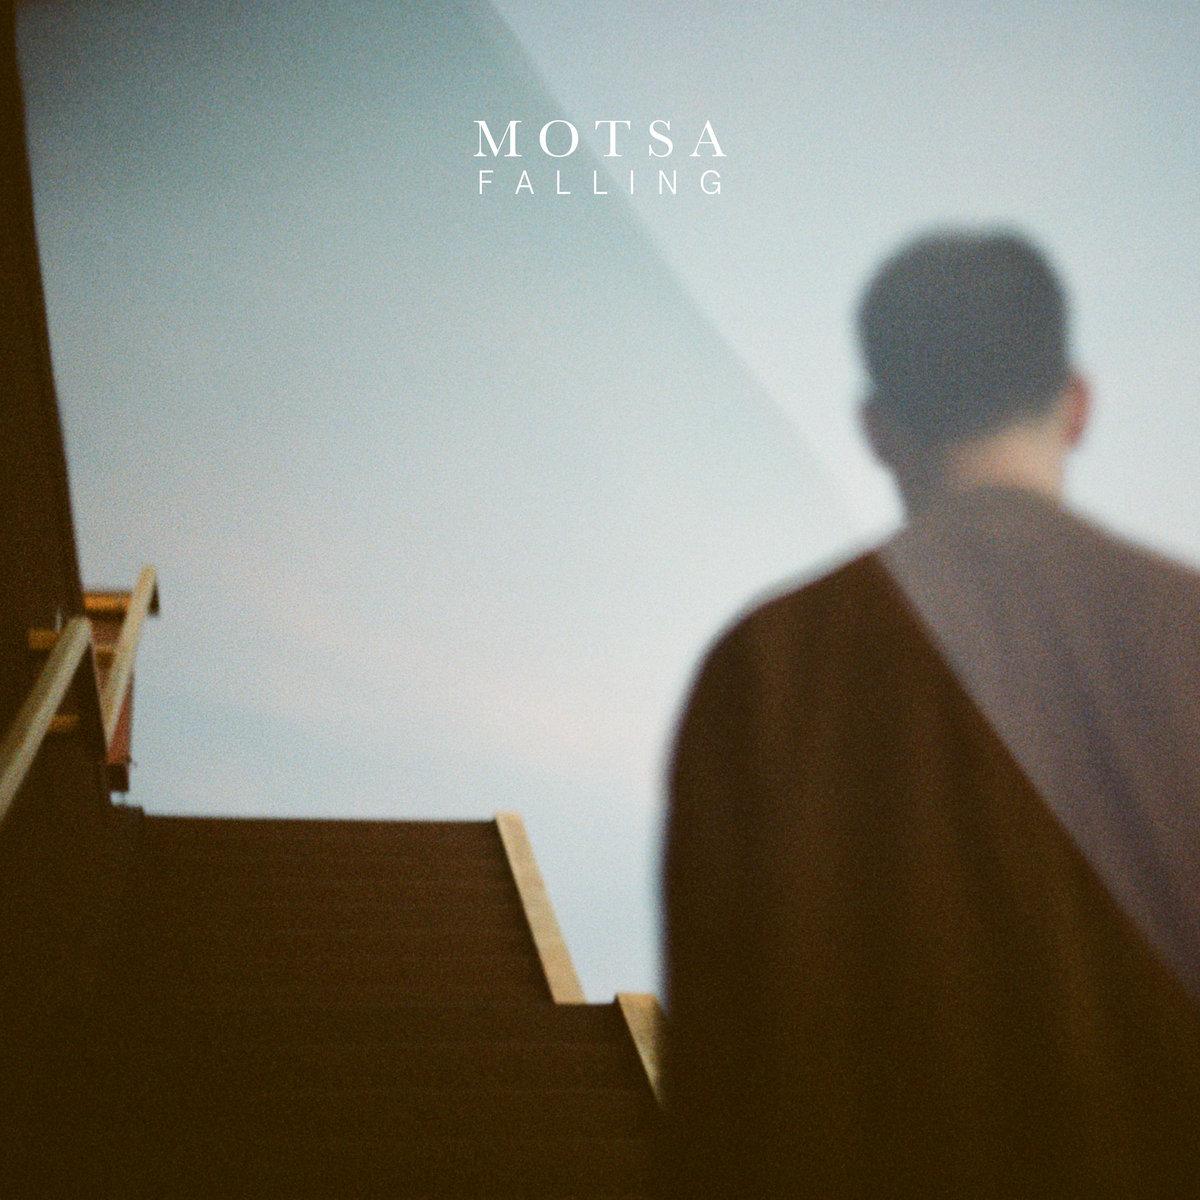 MOTSA - Falling ile ilgili görsel sonucu